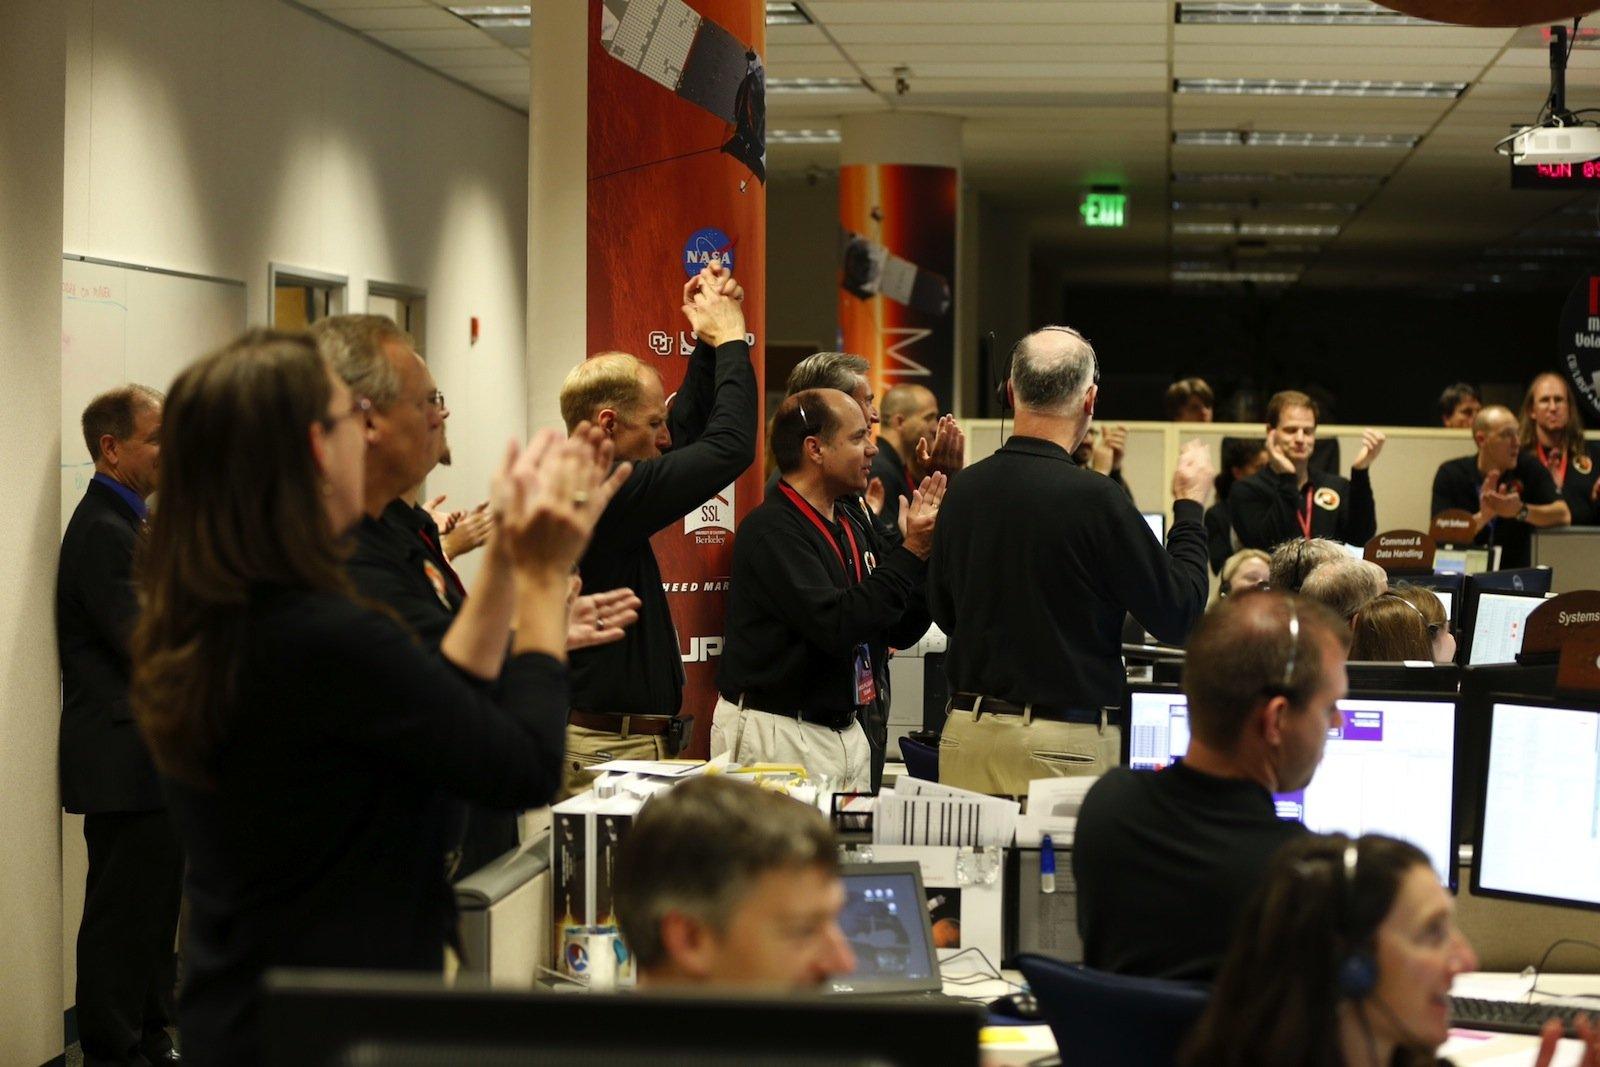 Jubel im Kontrollzentrum der NASA: Die Mars-Sonde Maven ist erfolgreich in die Umlaufbahn eingeschwenkt.